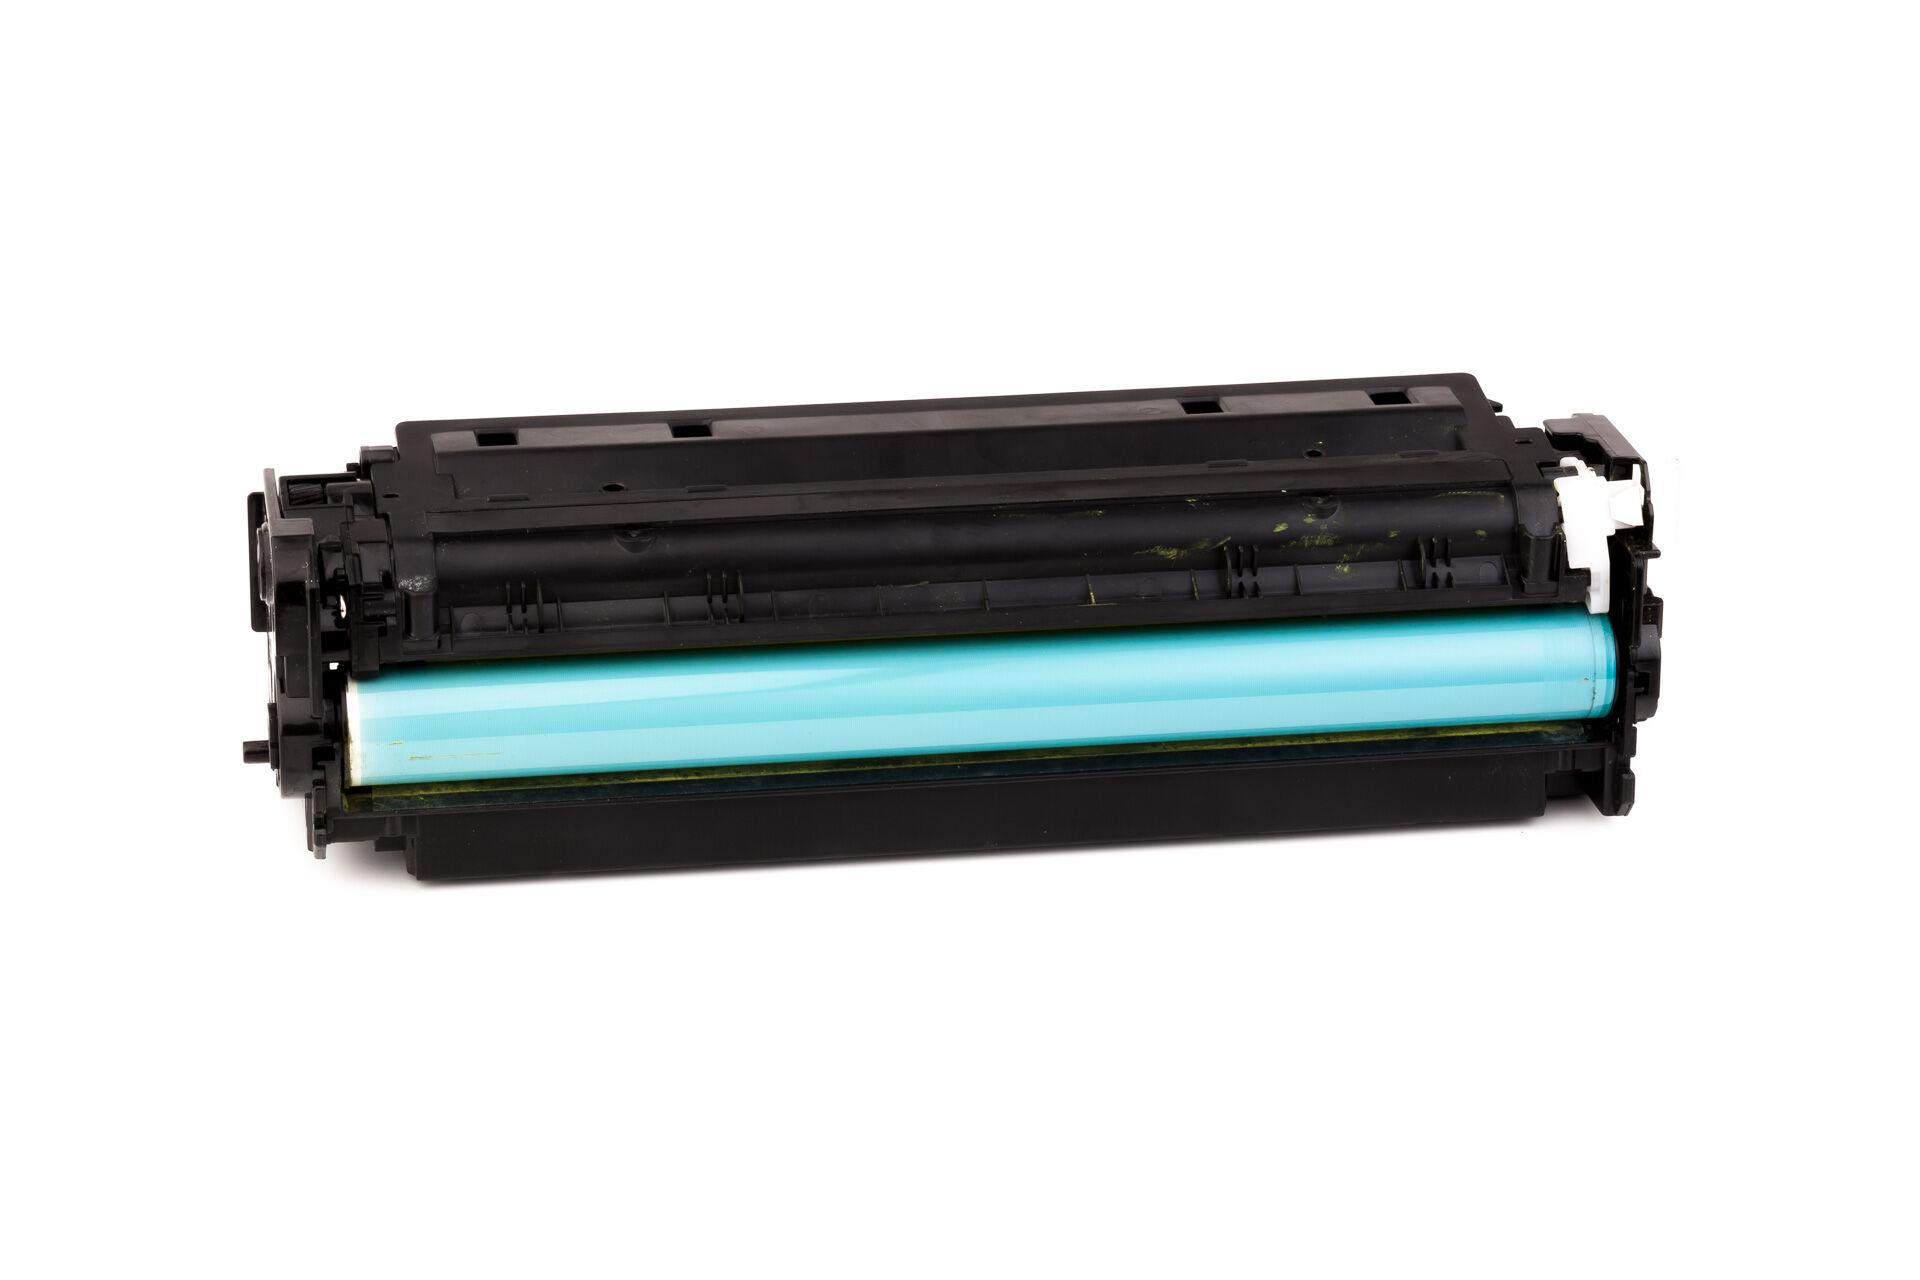 HP Cartouche de Toner pour HP CC532A / 304A jaune compatible (de marque ASC)